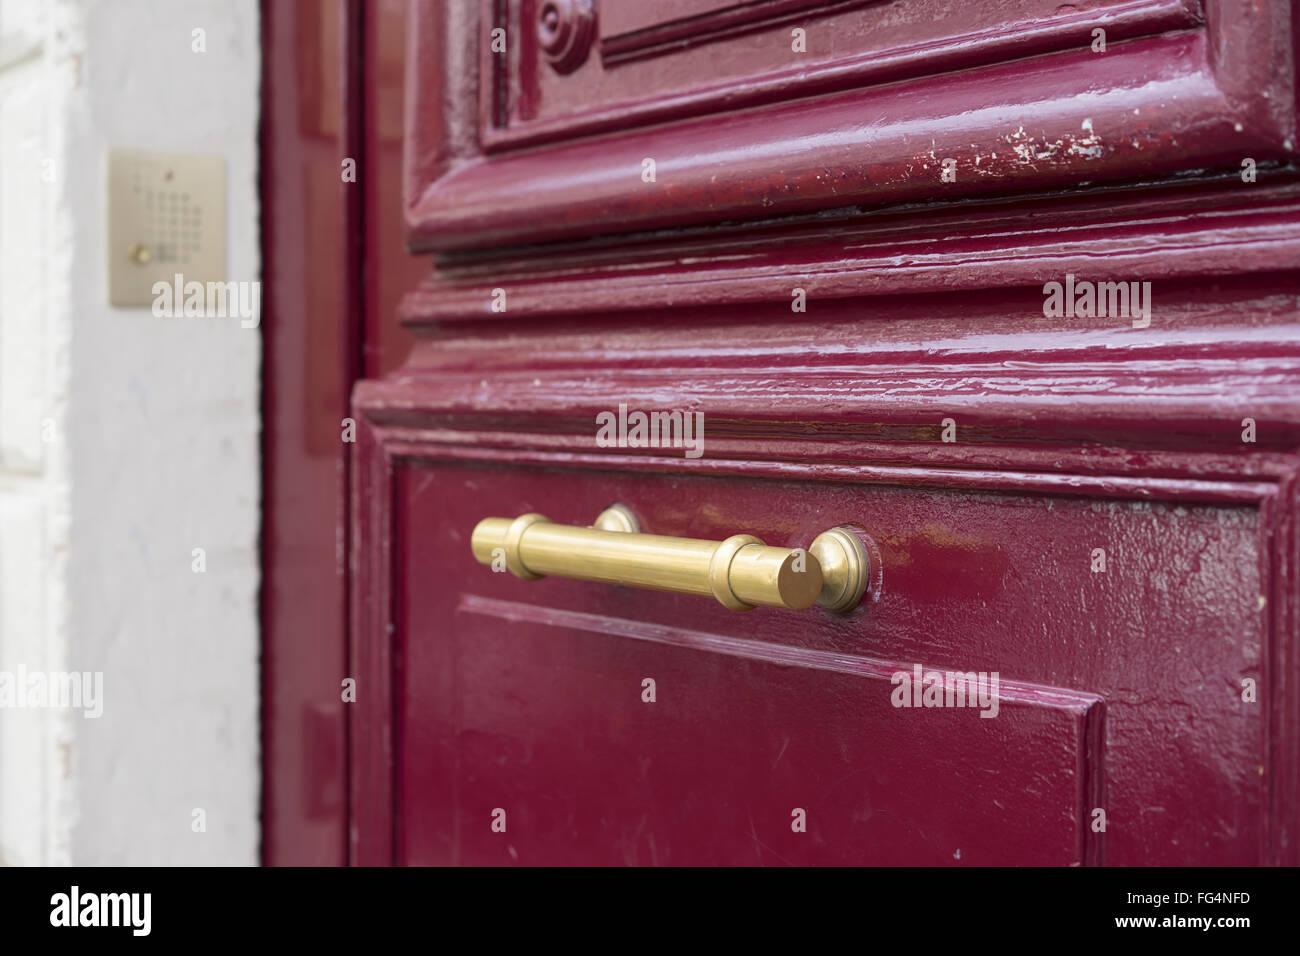 Old Brass Door Handle On Sturdy Old Textured Maroon Red Wooden Door